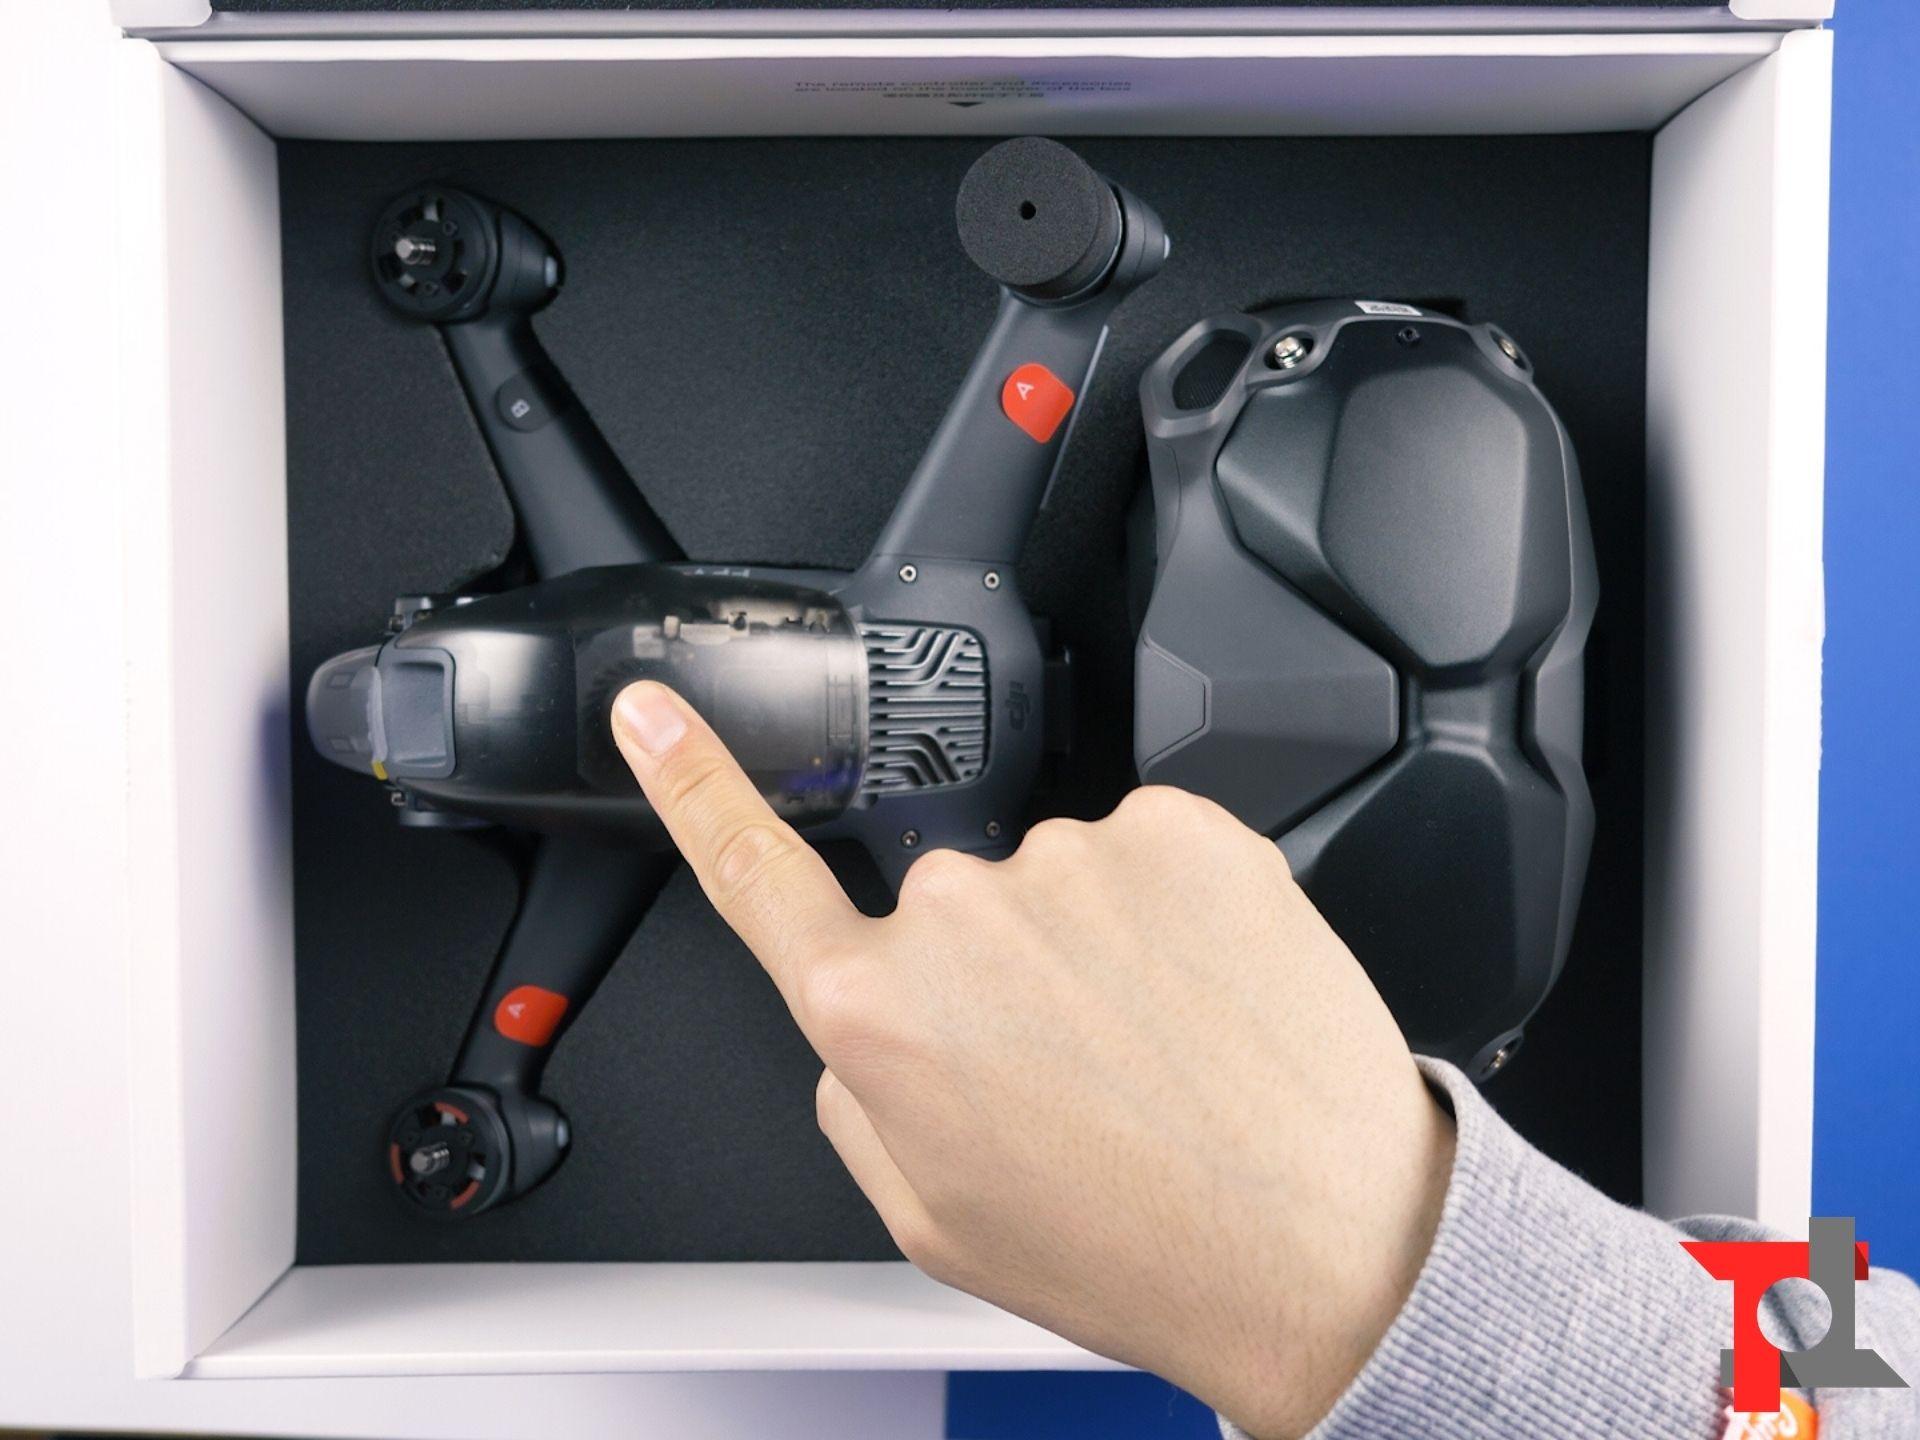 dji-fpv-drone-recensione-tt-1